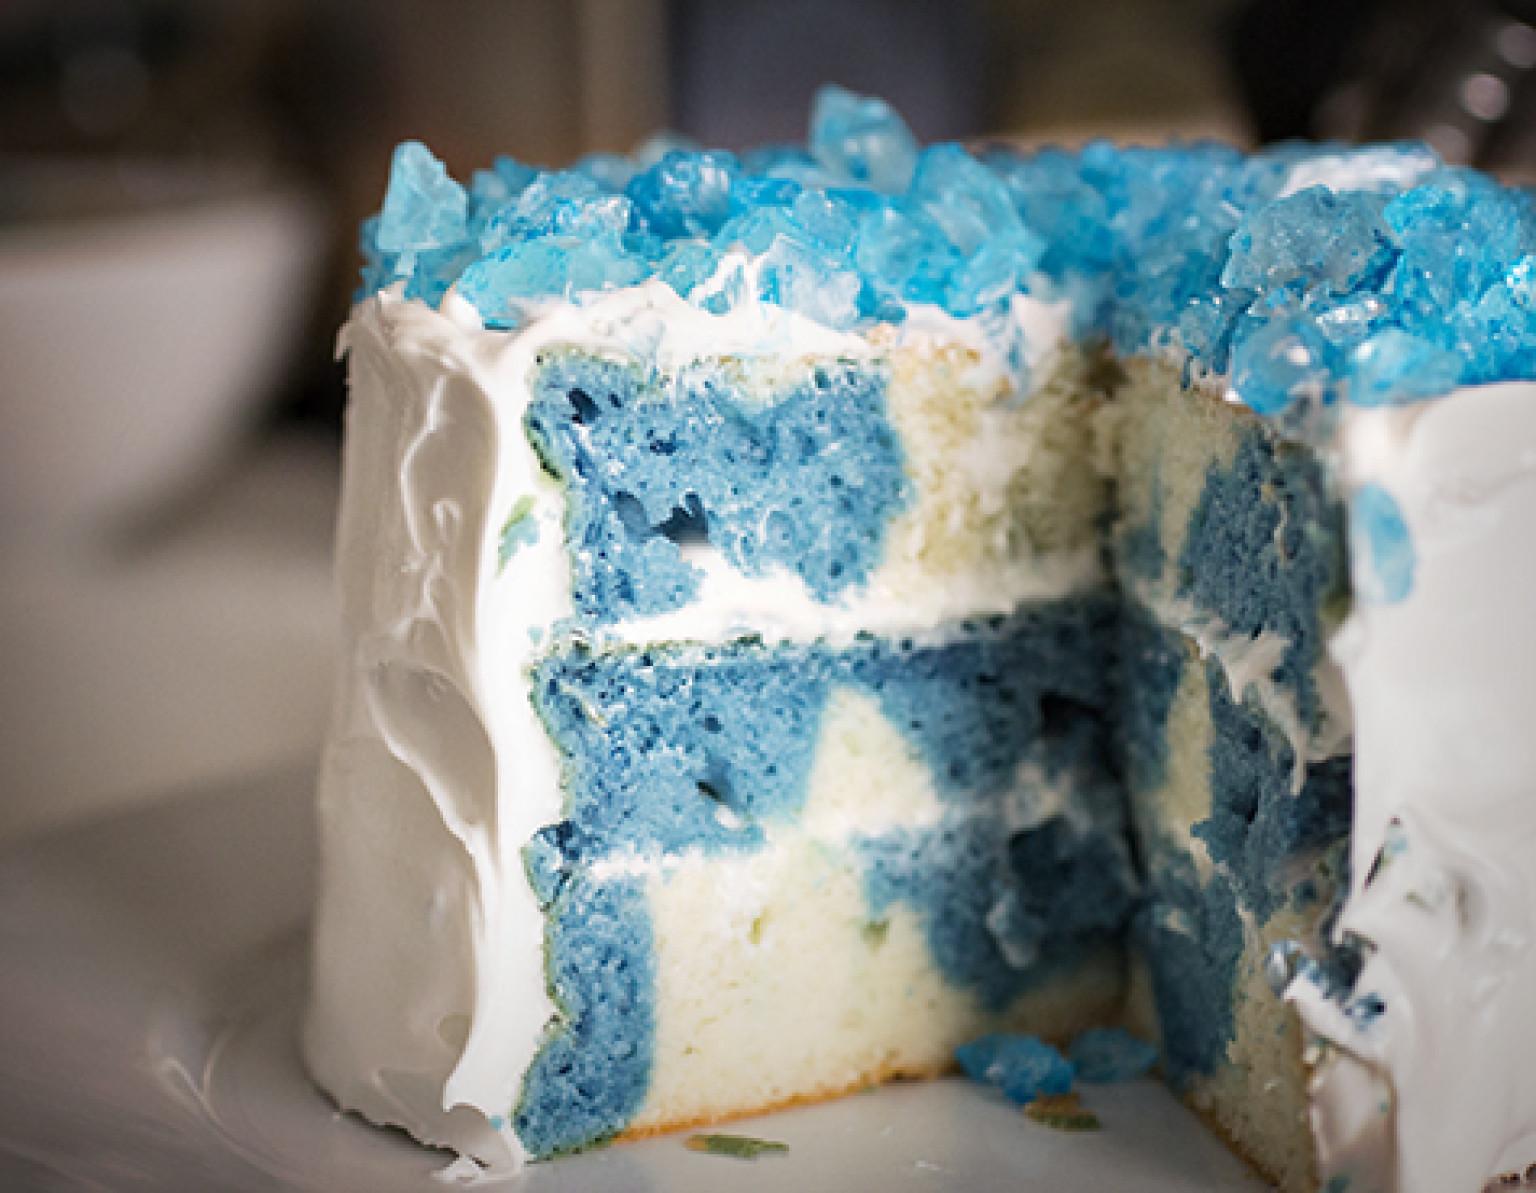 Real Blue Crystal Meth